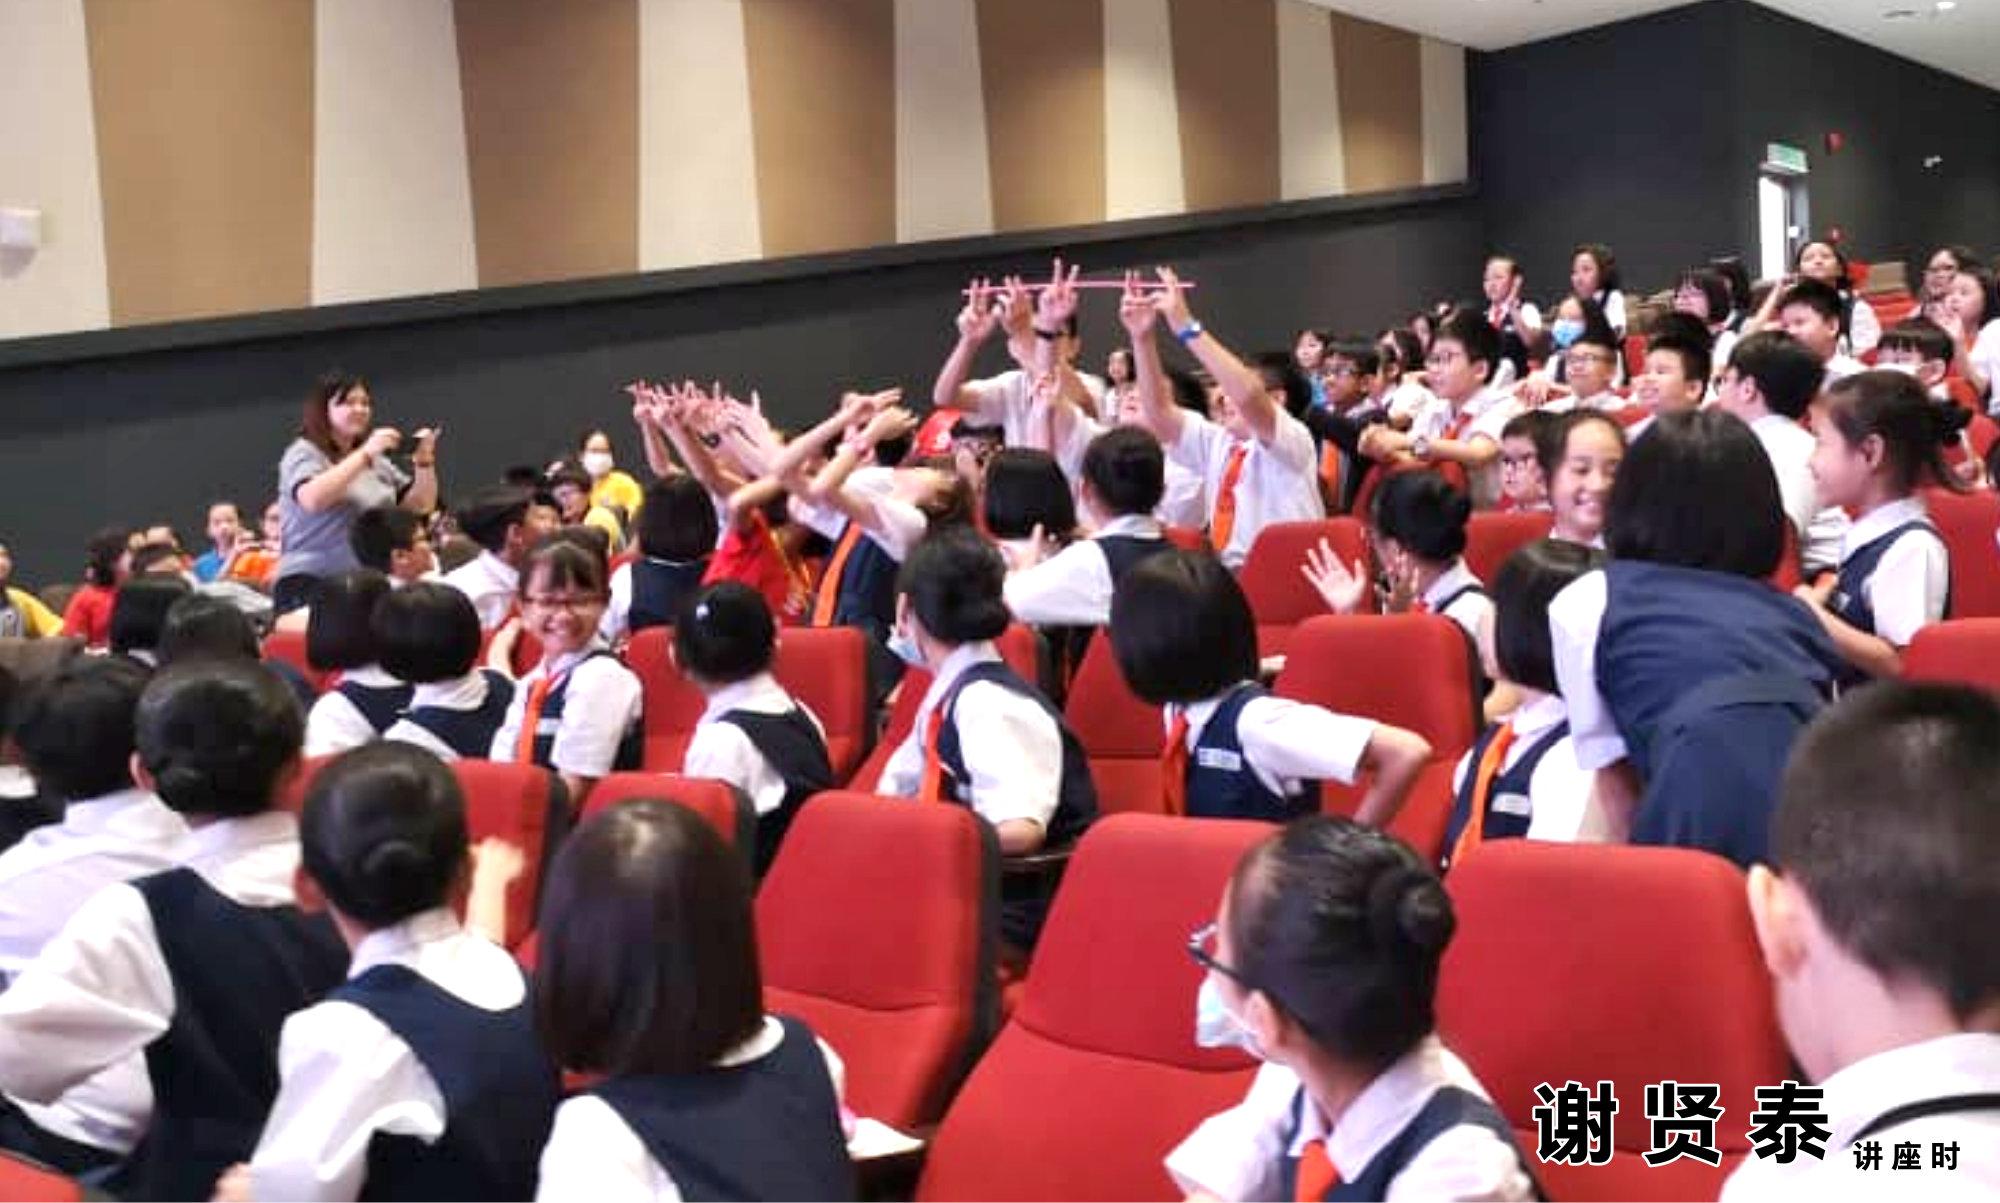 谢贤泰 新山宽柔一小 成为团队领袖 Be A Team Leader 2020小领袖培训营 麻坡小学领袖培训 新山小学培训 A013